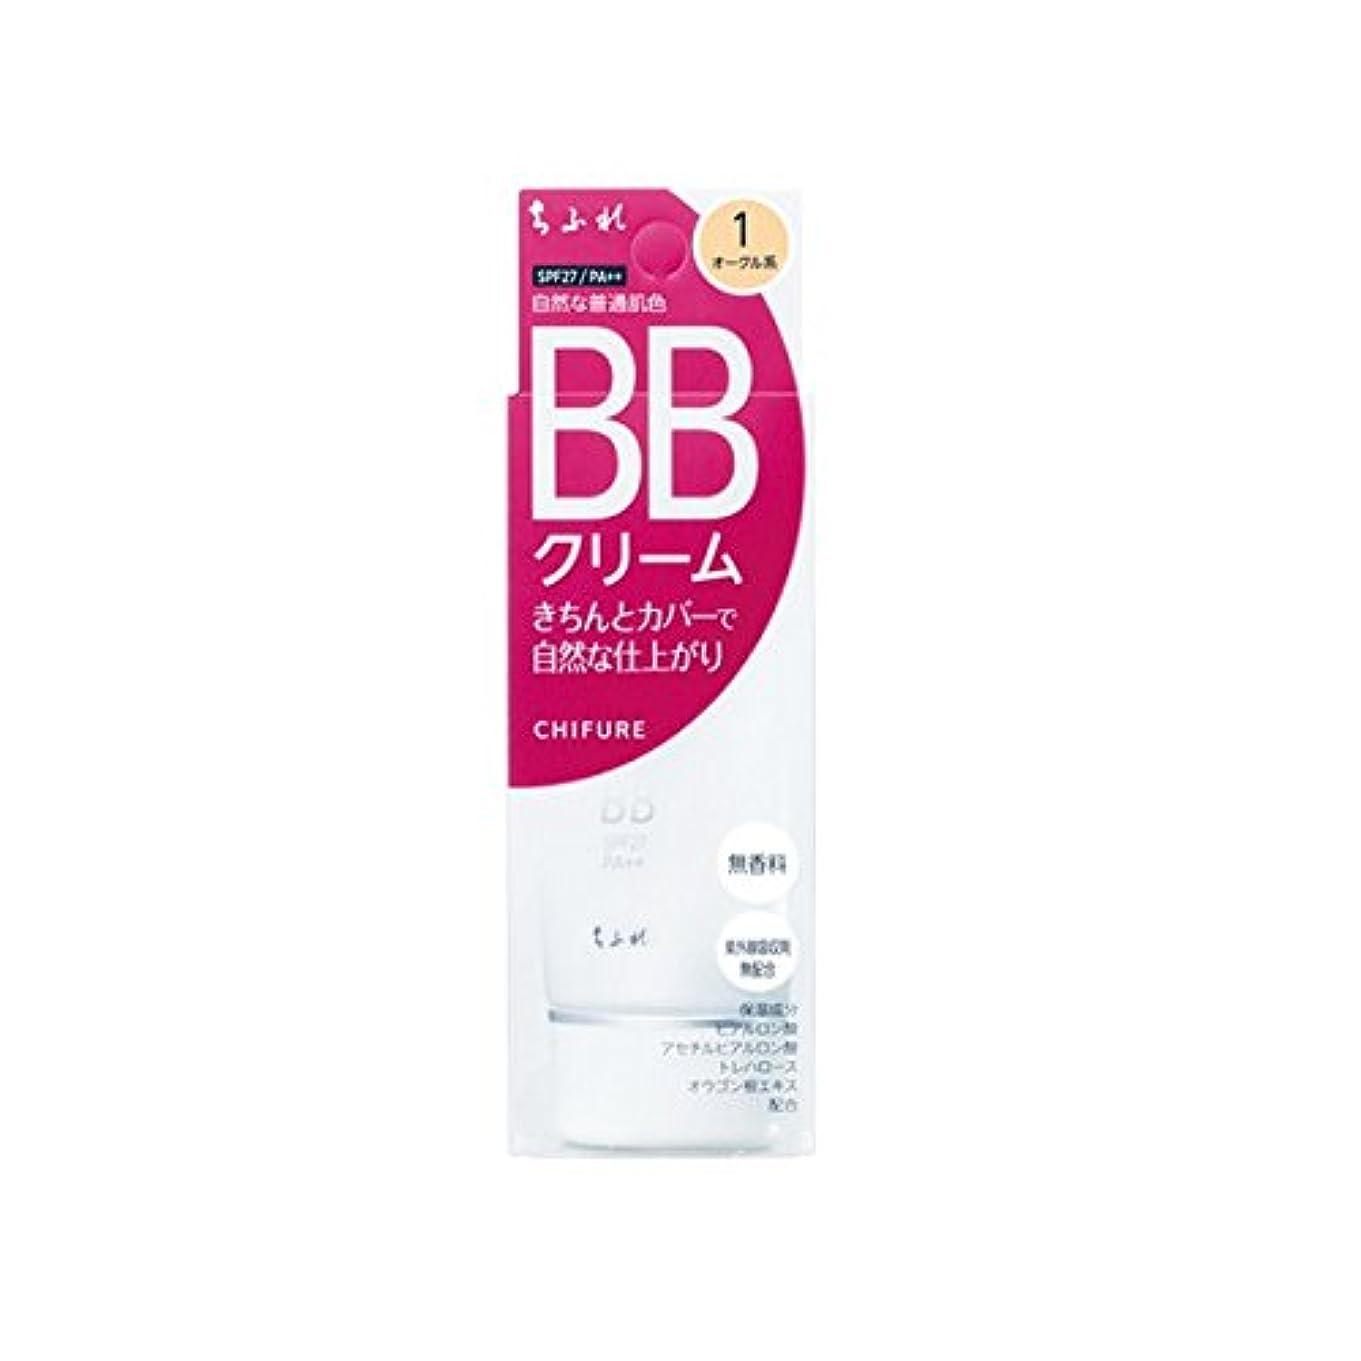 ファッションローン労苦ちふれ化粧品 BB クリーム 1 自然な普通肌色 BBクリーム 1